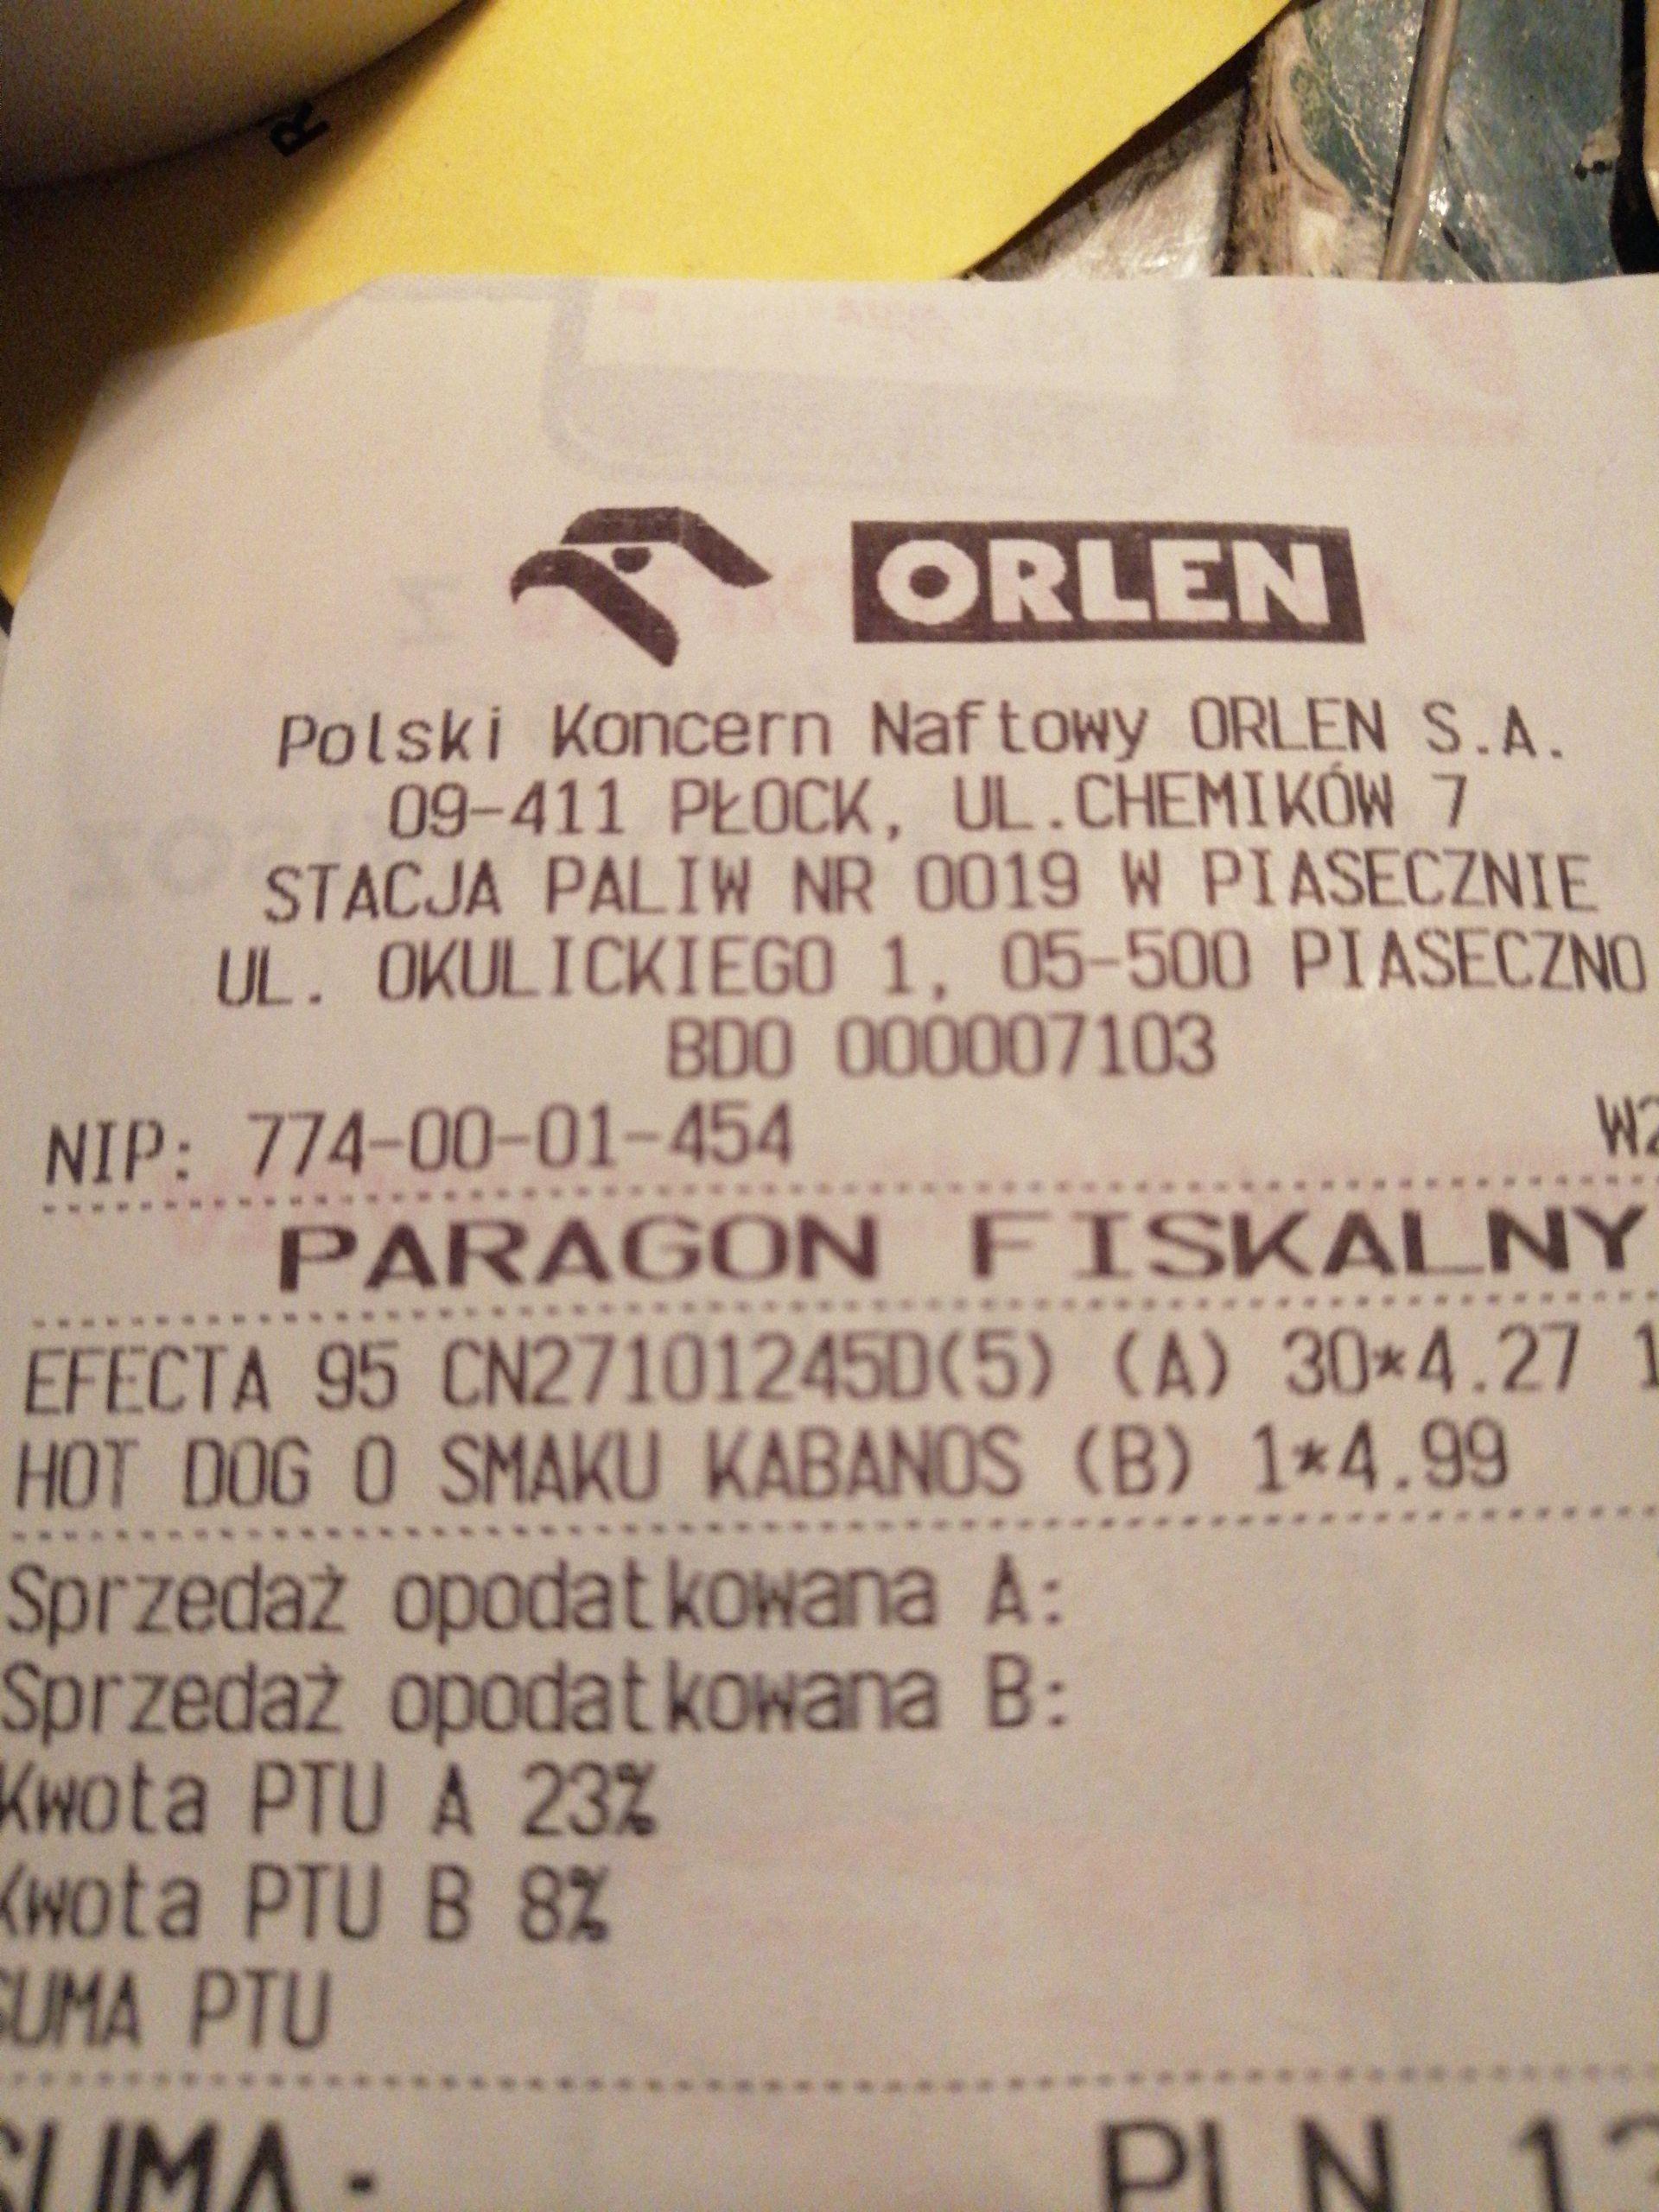 Pb 95 Orlen Piaseczno